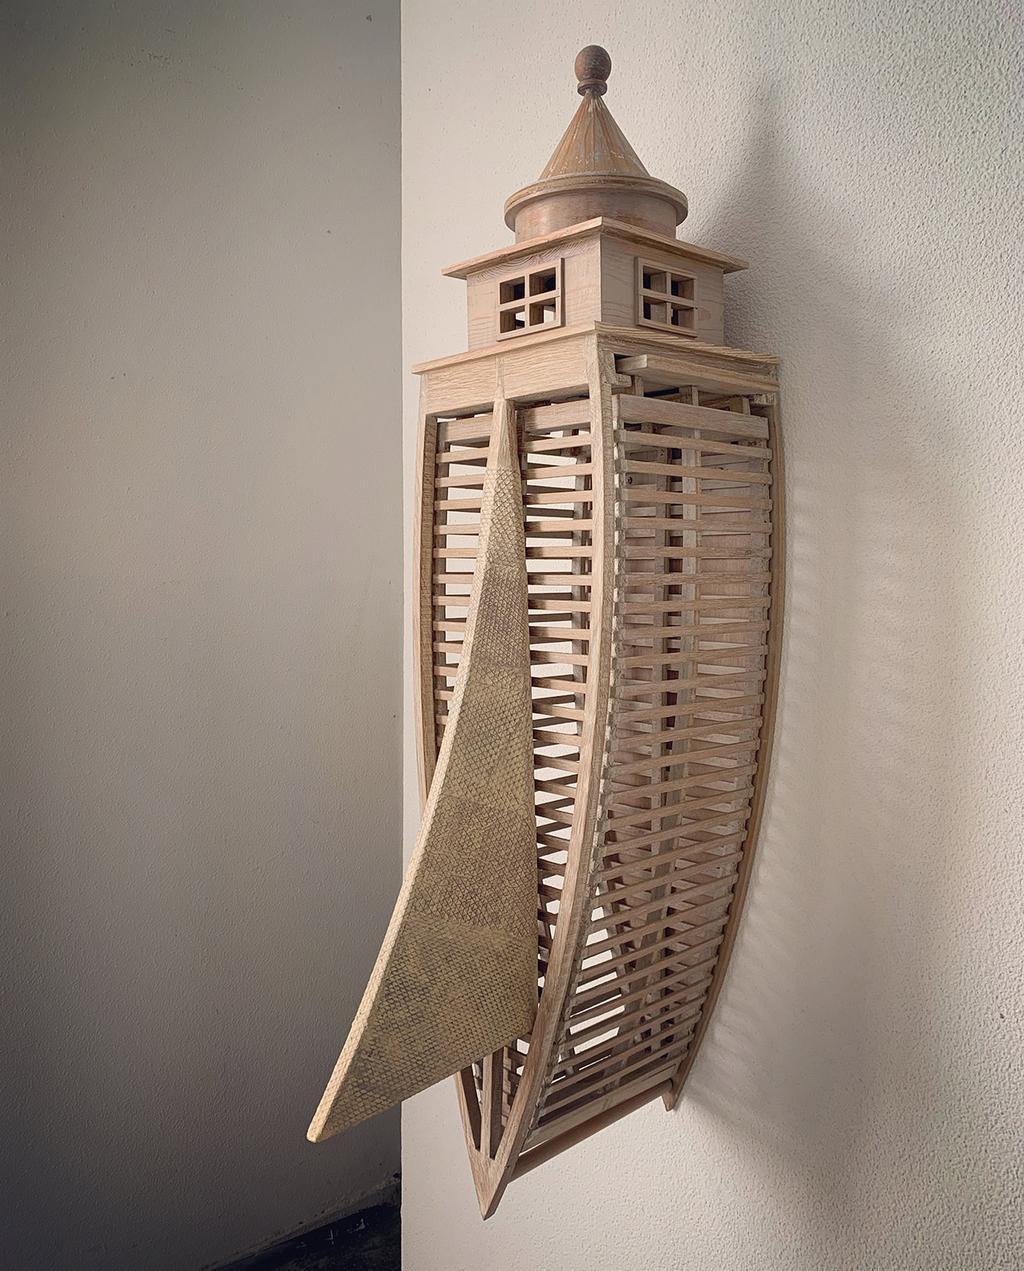 vtwonen 09-2020 | 3d toren kunstwerk van Bisou Gallery